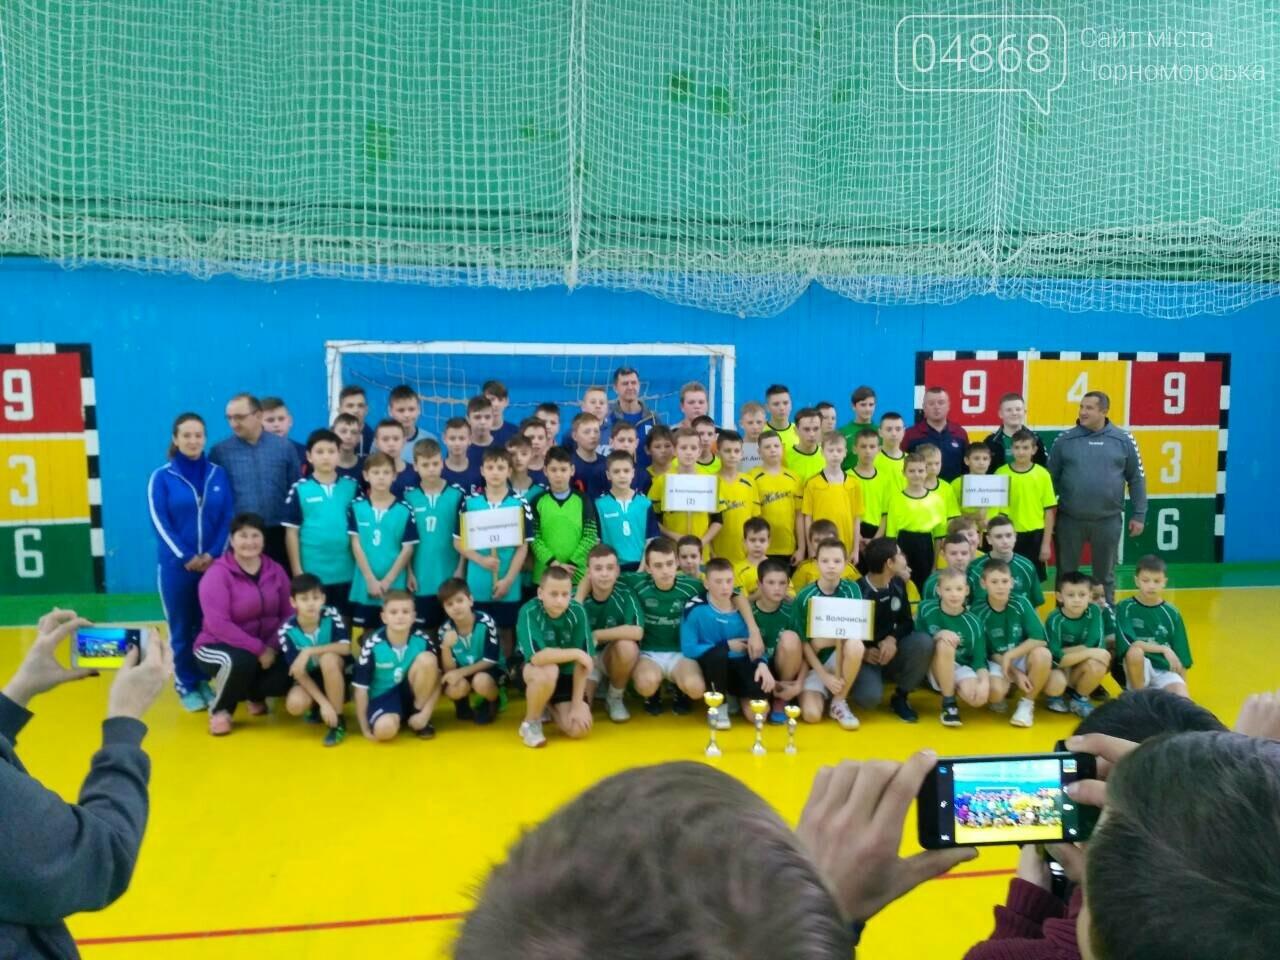 Команда юных гандболистов из Черноморска привезла золотой кубок из Хмельницкого, фото-5